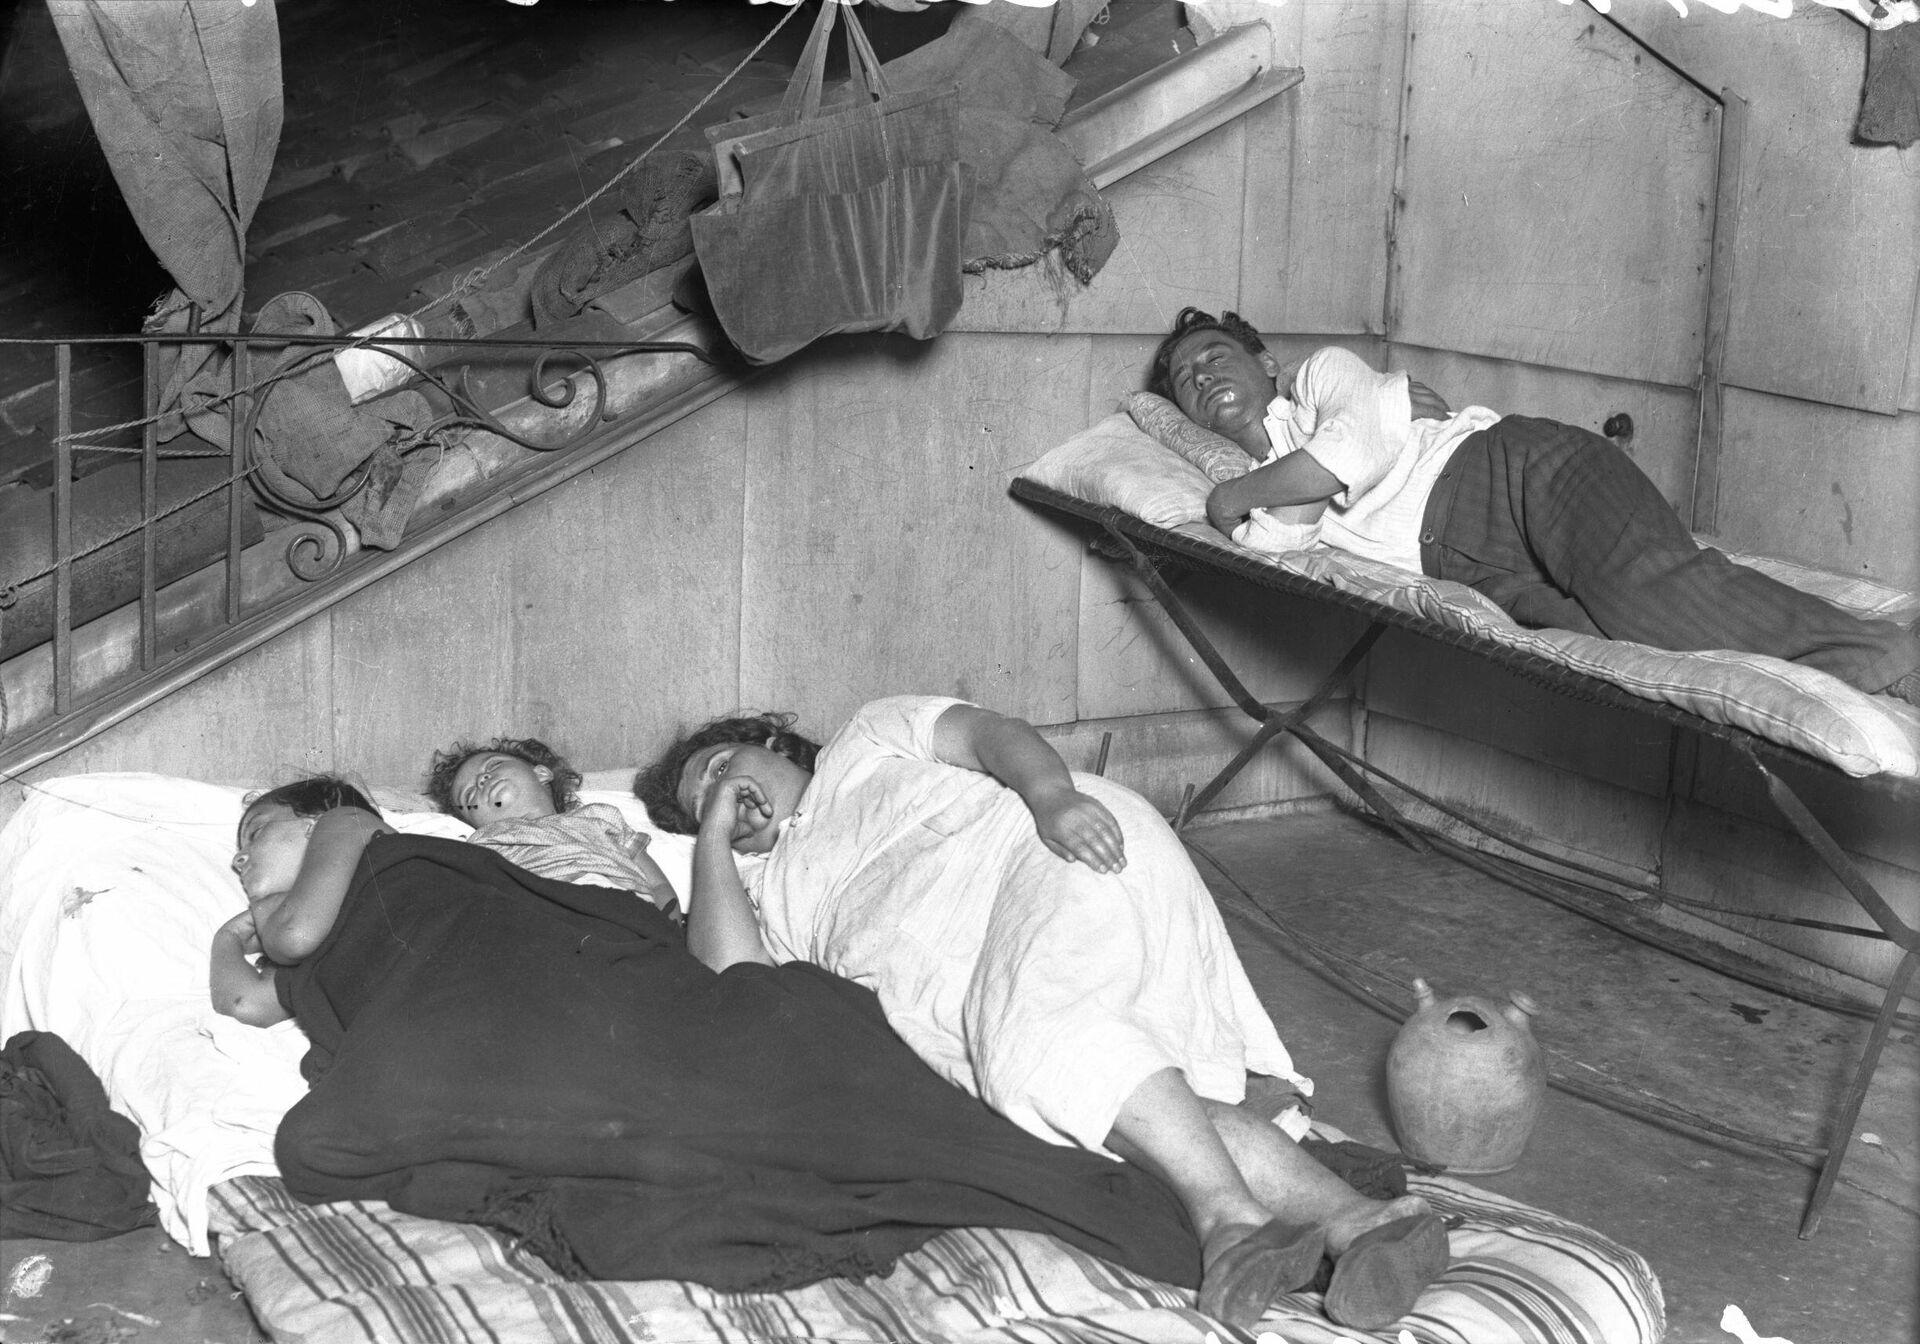 Familia durmiendo en una azotea. Madrid, 1934 - Sputnik Mundo, 1920, 17.09.2021